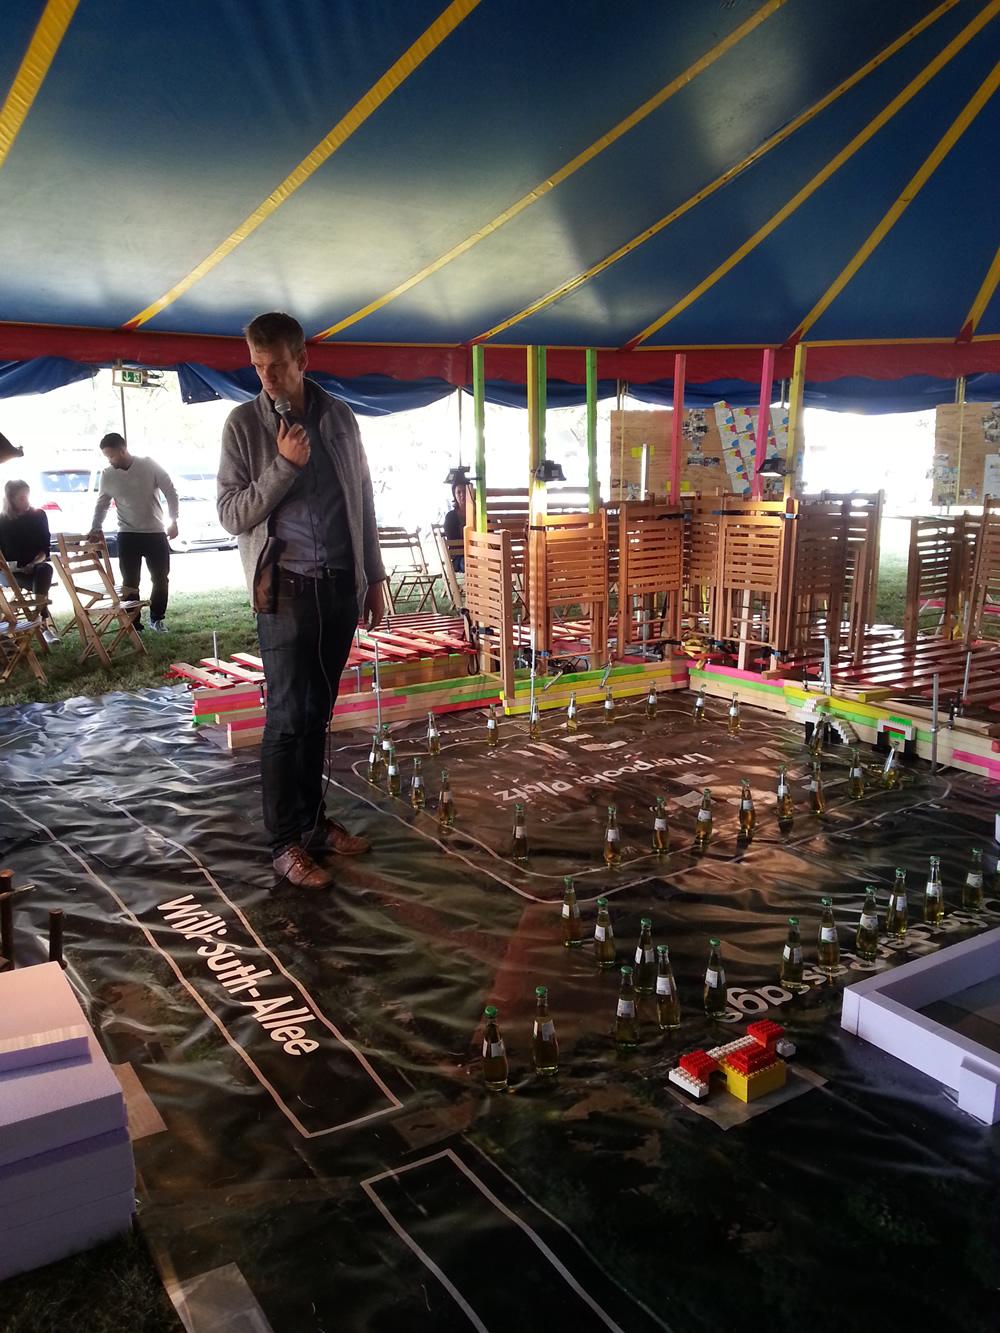 Klaus Overmeyer von Urban Catalist zeigt einen Nachbau von Chorweiler:  Die Stühle sind Hochhäuser, die Flaschen auf dem Boden sind die Bäume, der kleine Bau aus Lego ist das Cafe' Olko.